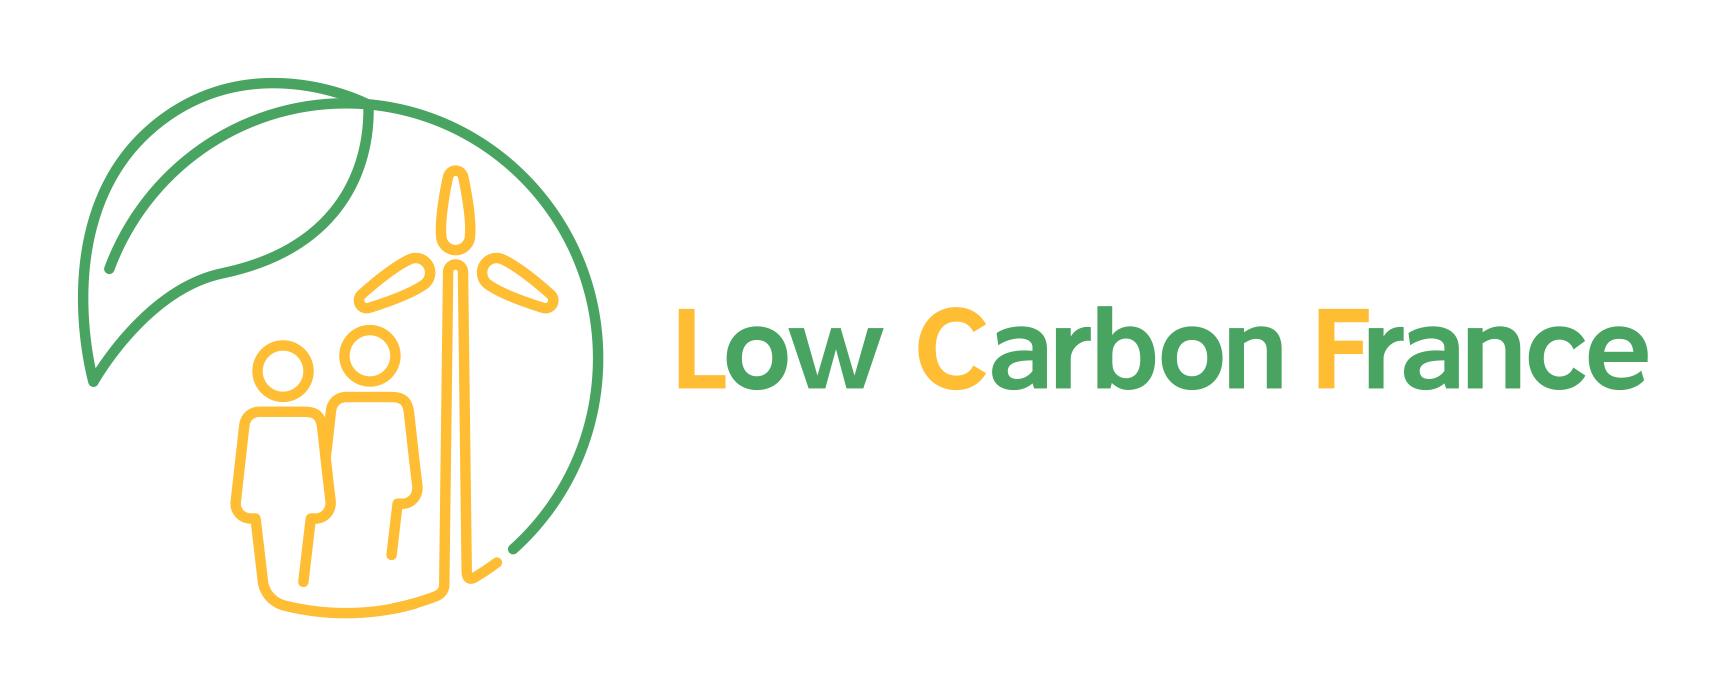 Low Carbon France